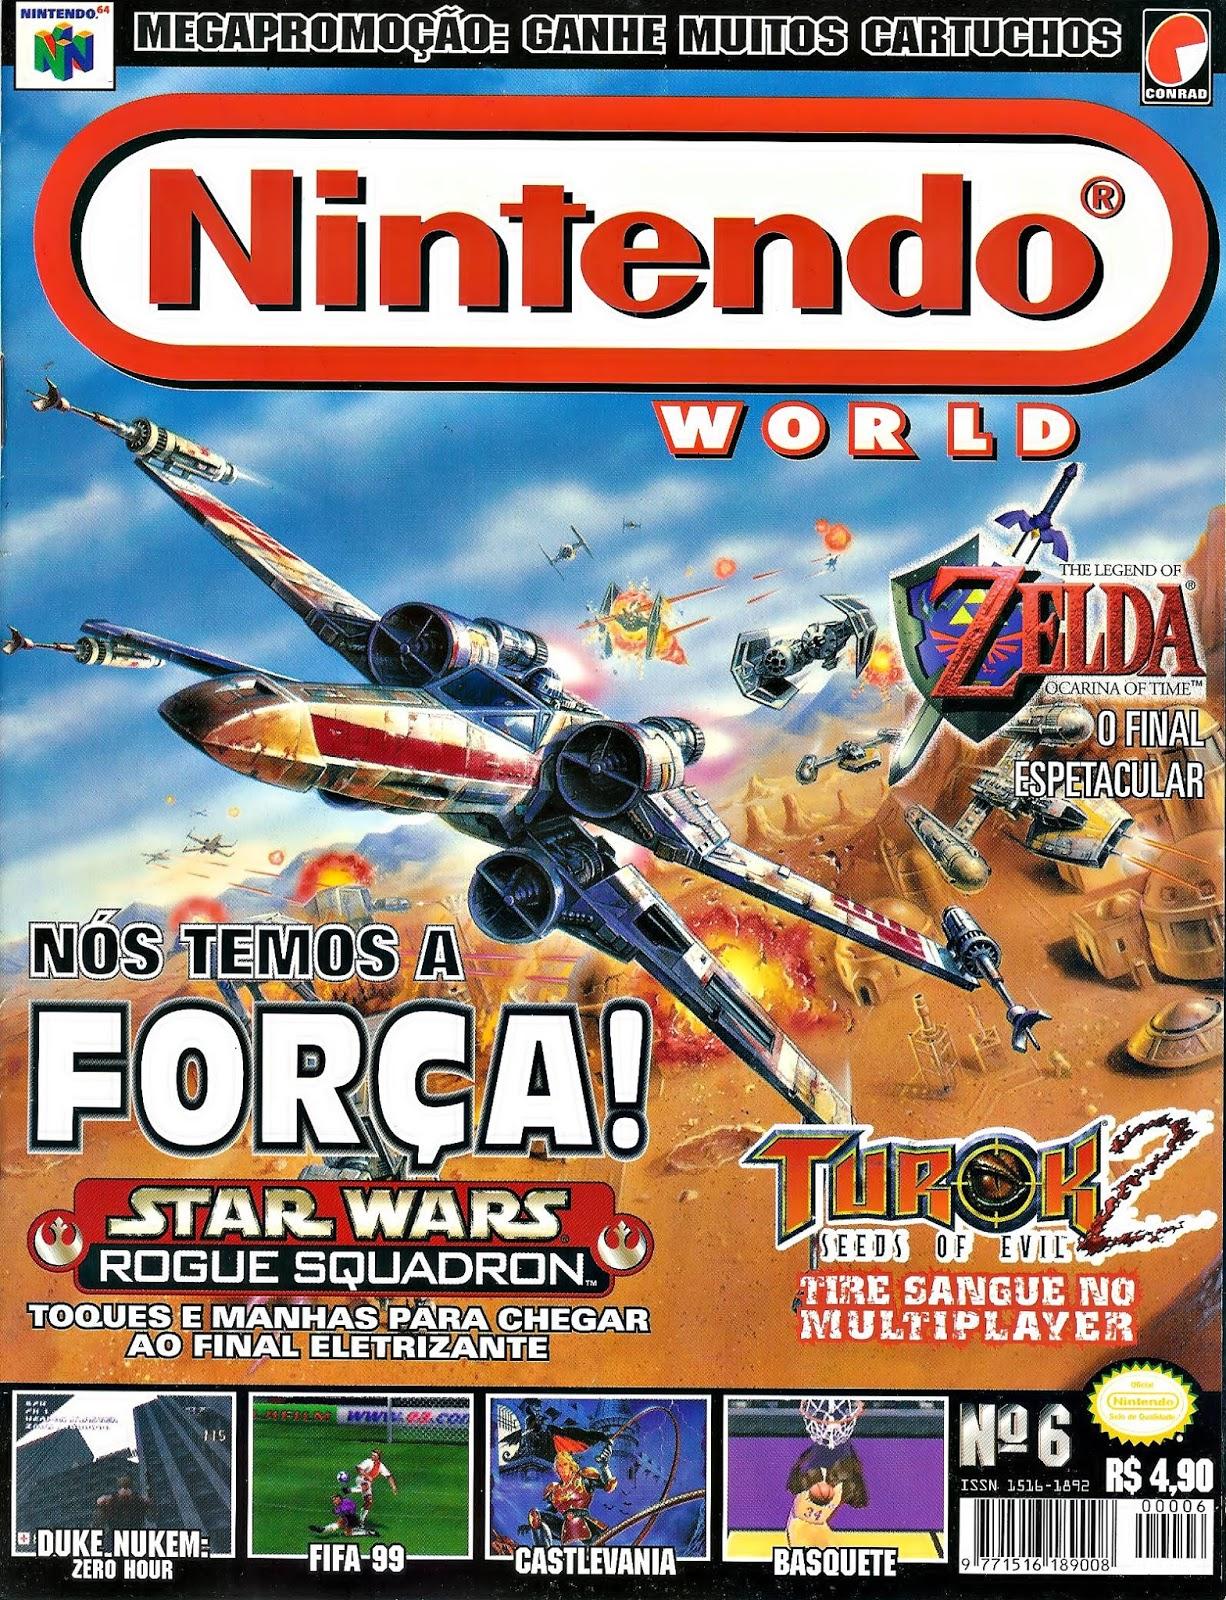 10 coisas que só quem lia revistas de videogame vai lembrar Nintendo%2BWorld%2B06%2B-%2BFevereiro%2B1999%2528pdfgamesmagazine.blogspot.com.br%2529_P%25C3%25A1gina_01